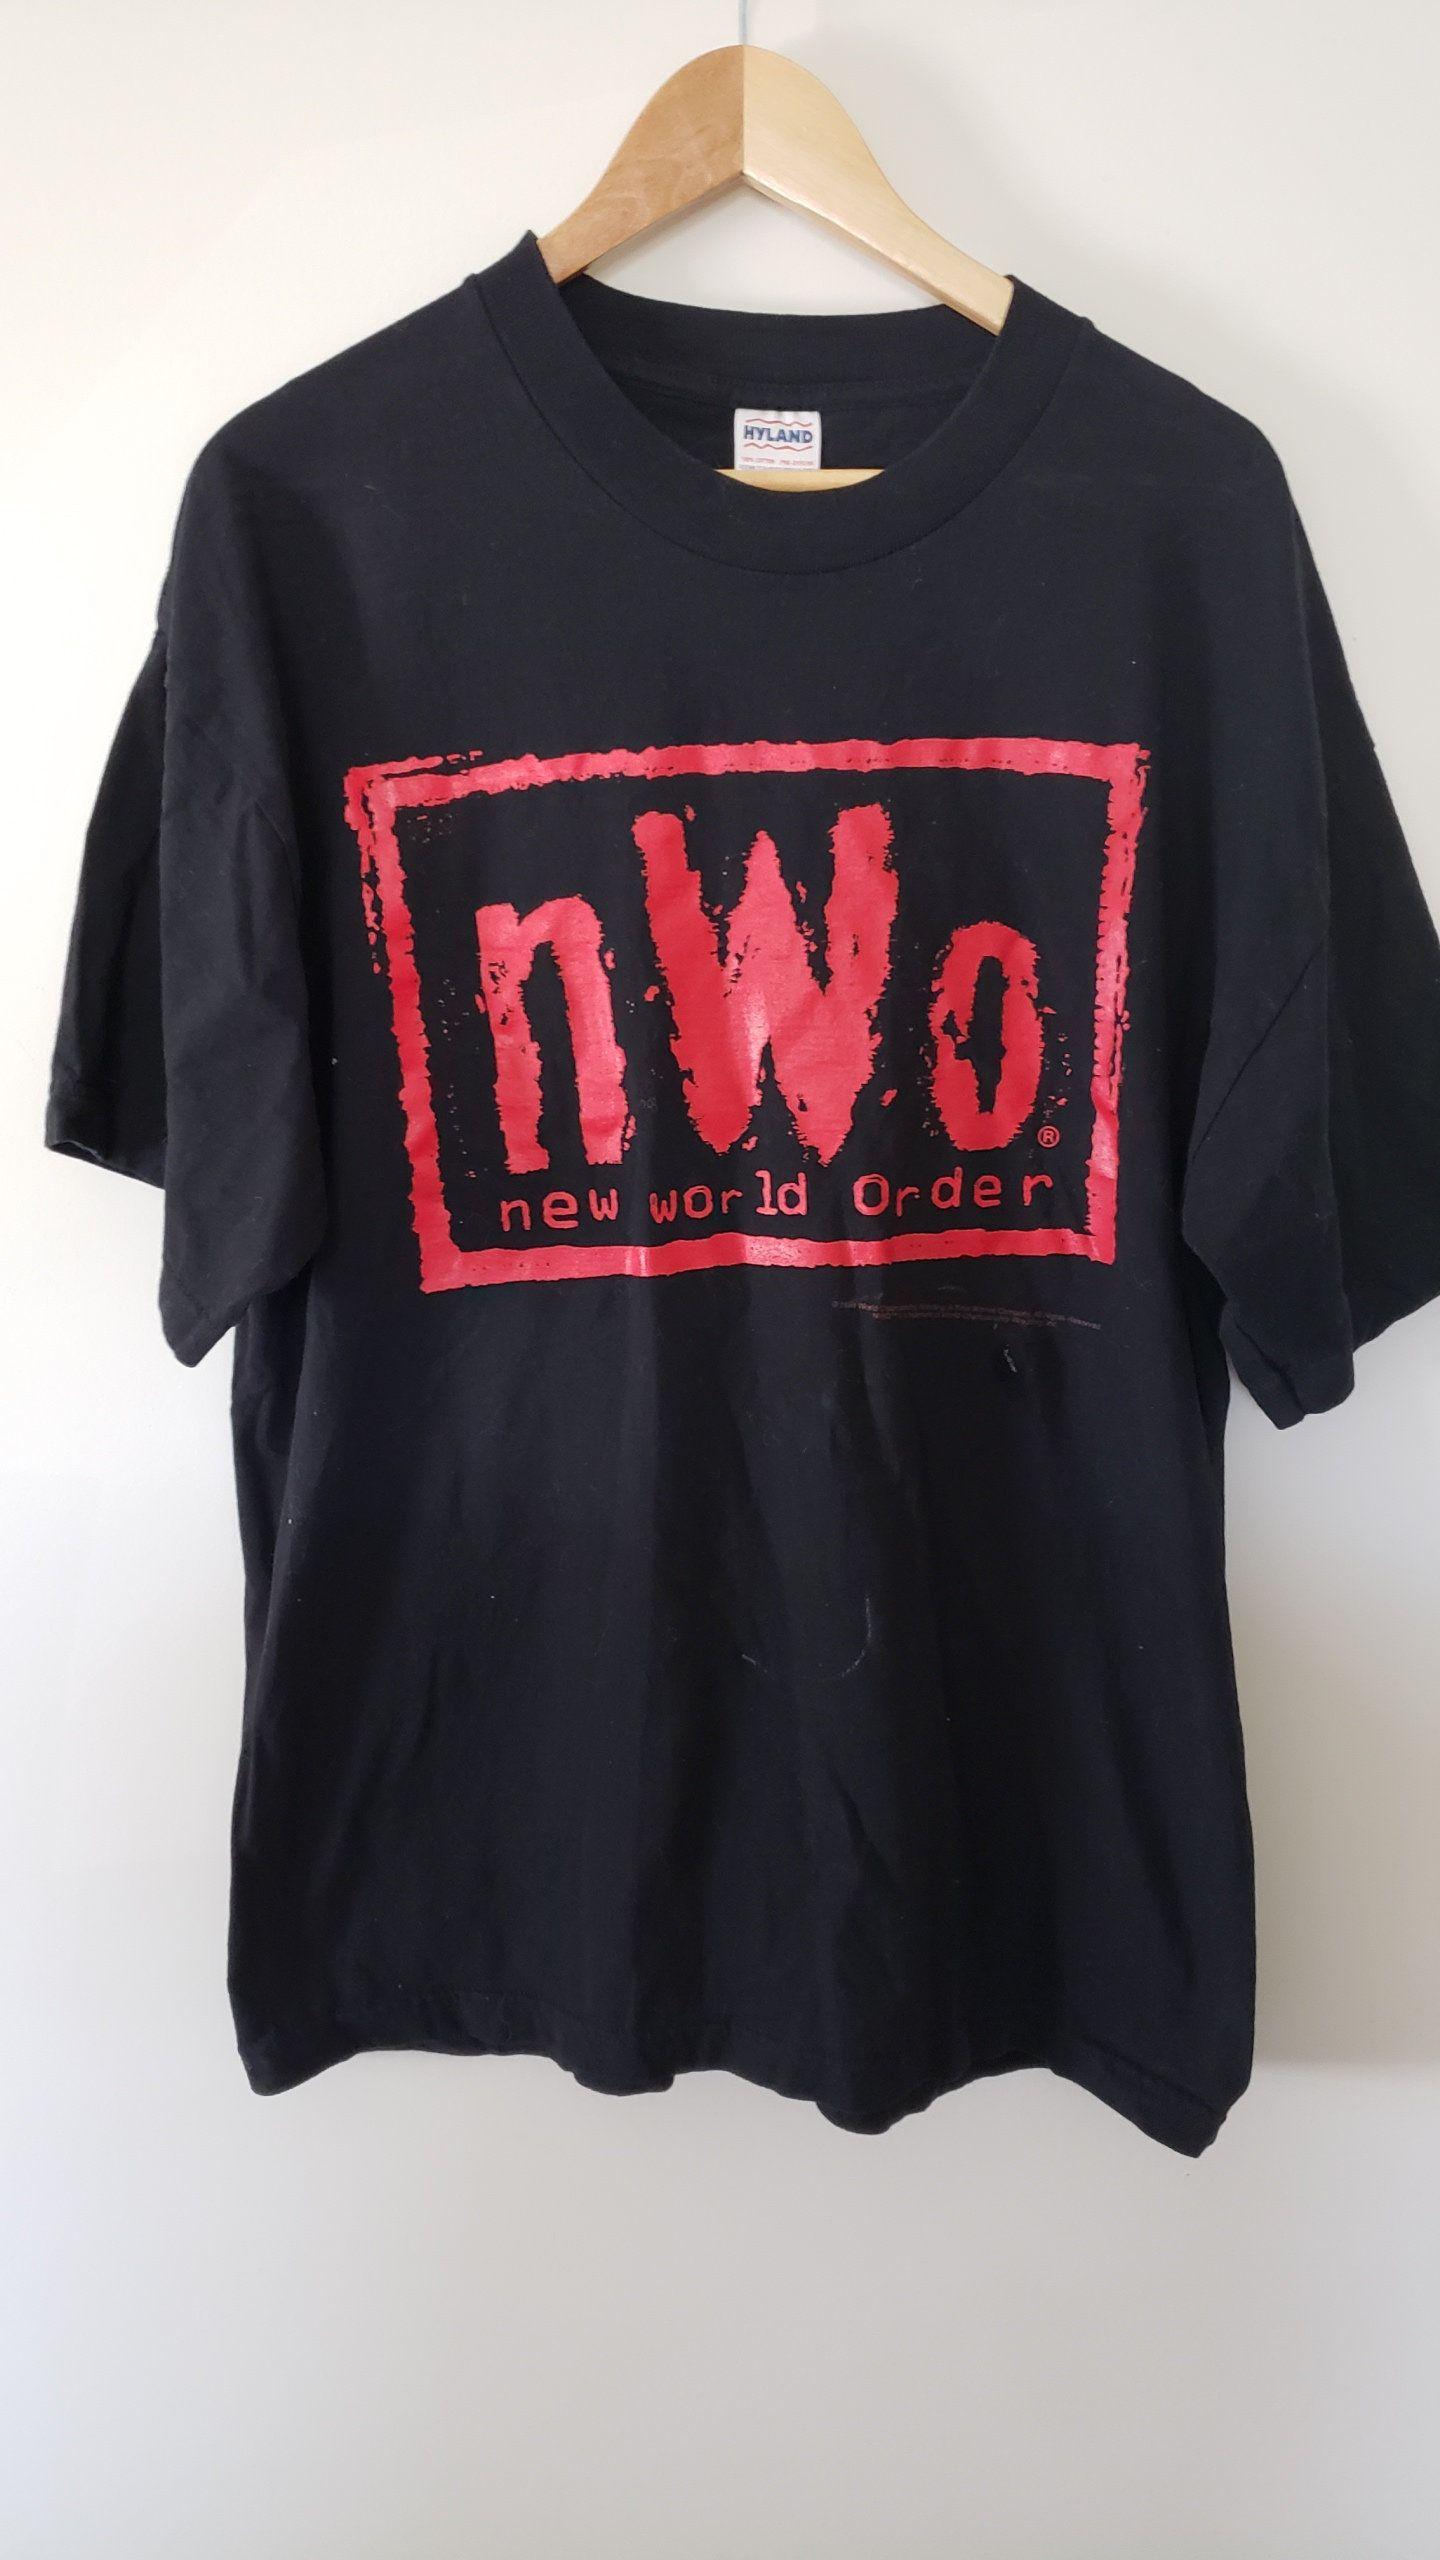 e04c66b3 Vintage 90's WCW nWo Wolfpac Wrestling Double Sided Shirt - Size XL WWE Wwf  Nwa Wrestlemania John Cena Sting Scott Hall Kevin Nash by RackRaidersVtg on  Etsy